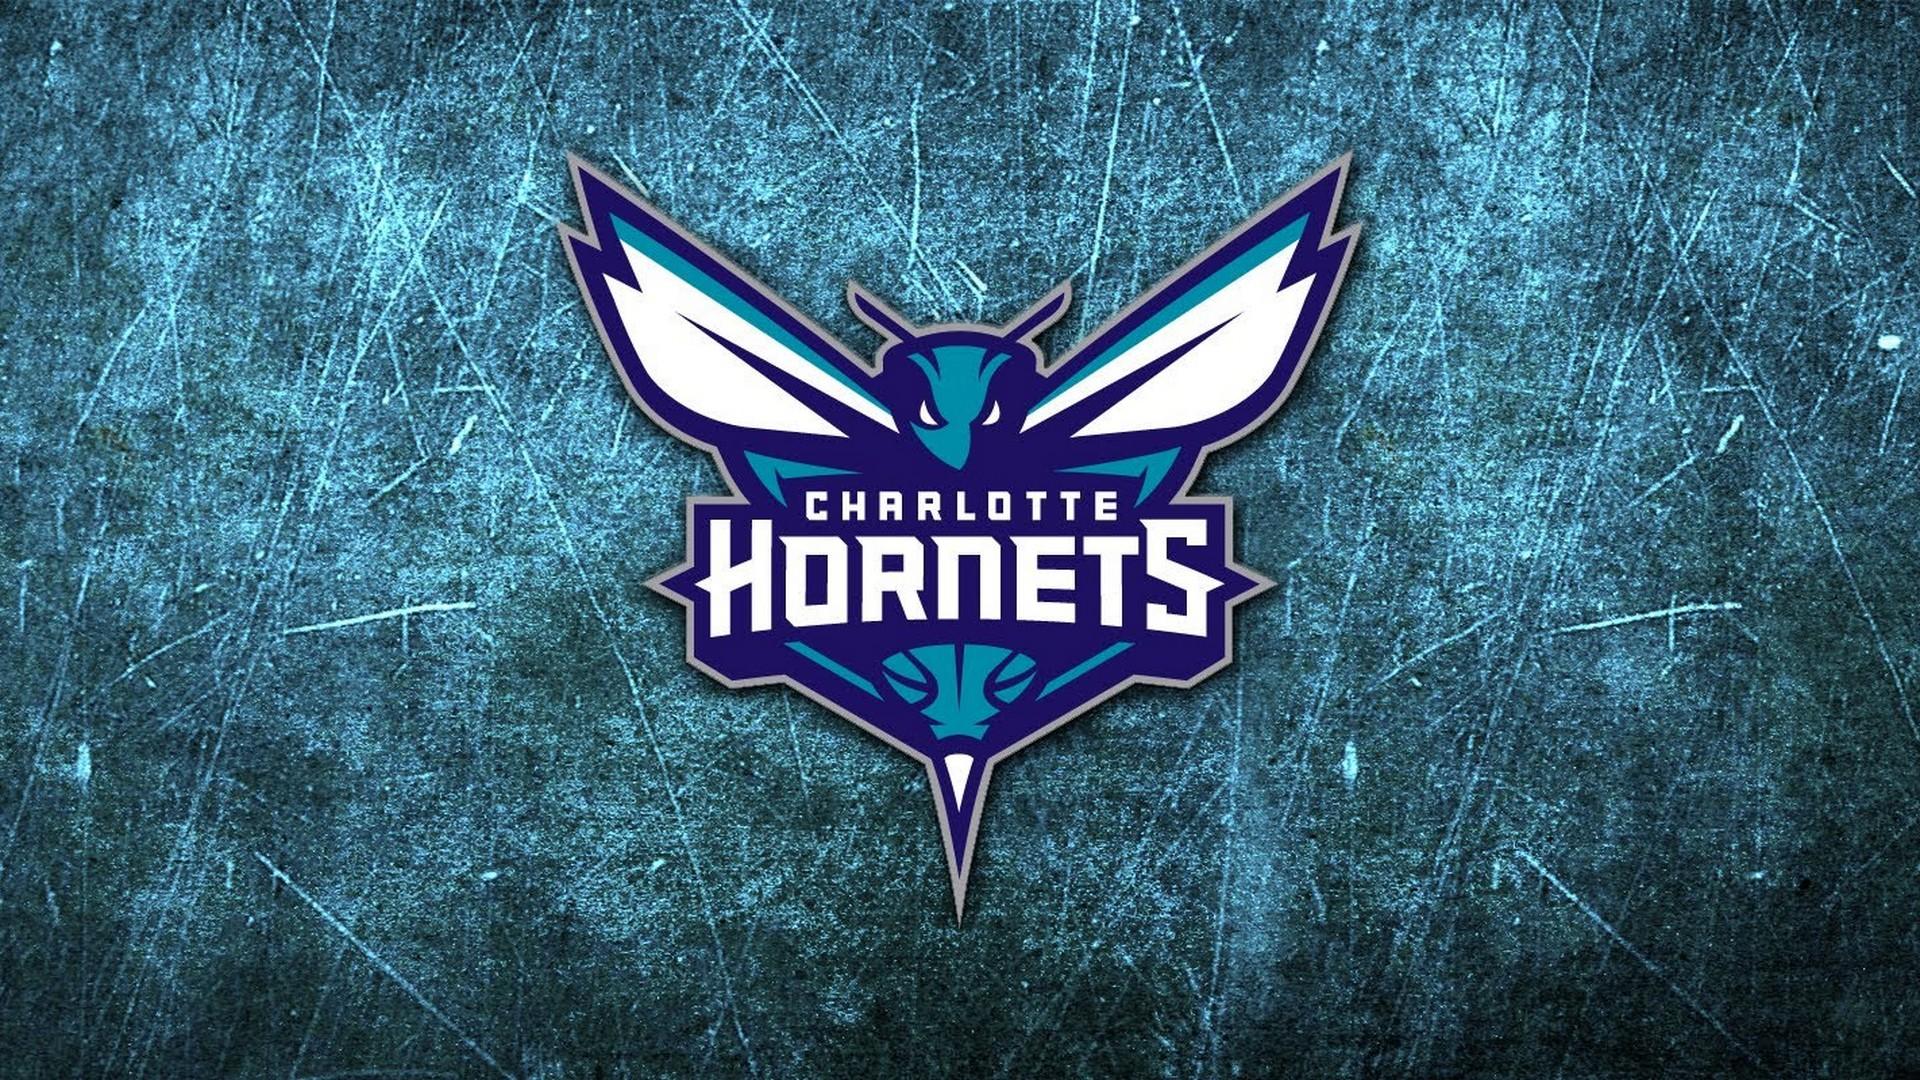 Charlotte Hornets Wallpaper HD 2019 Basketball Wallpaper 1920x1080